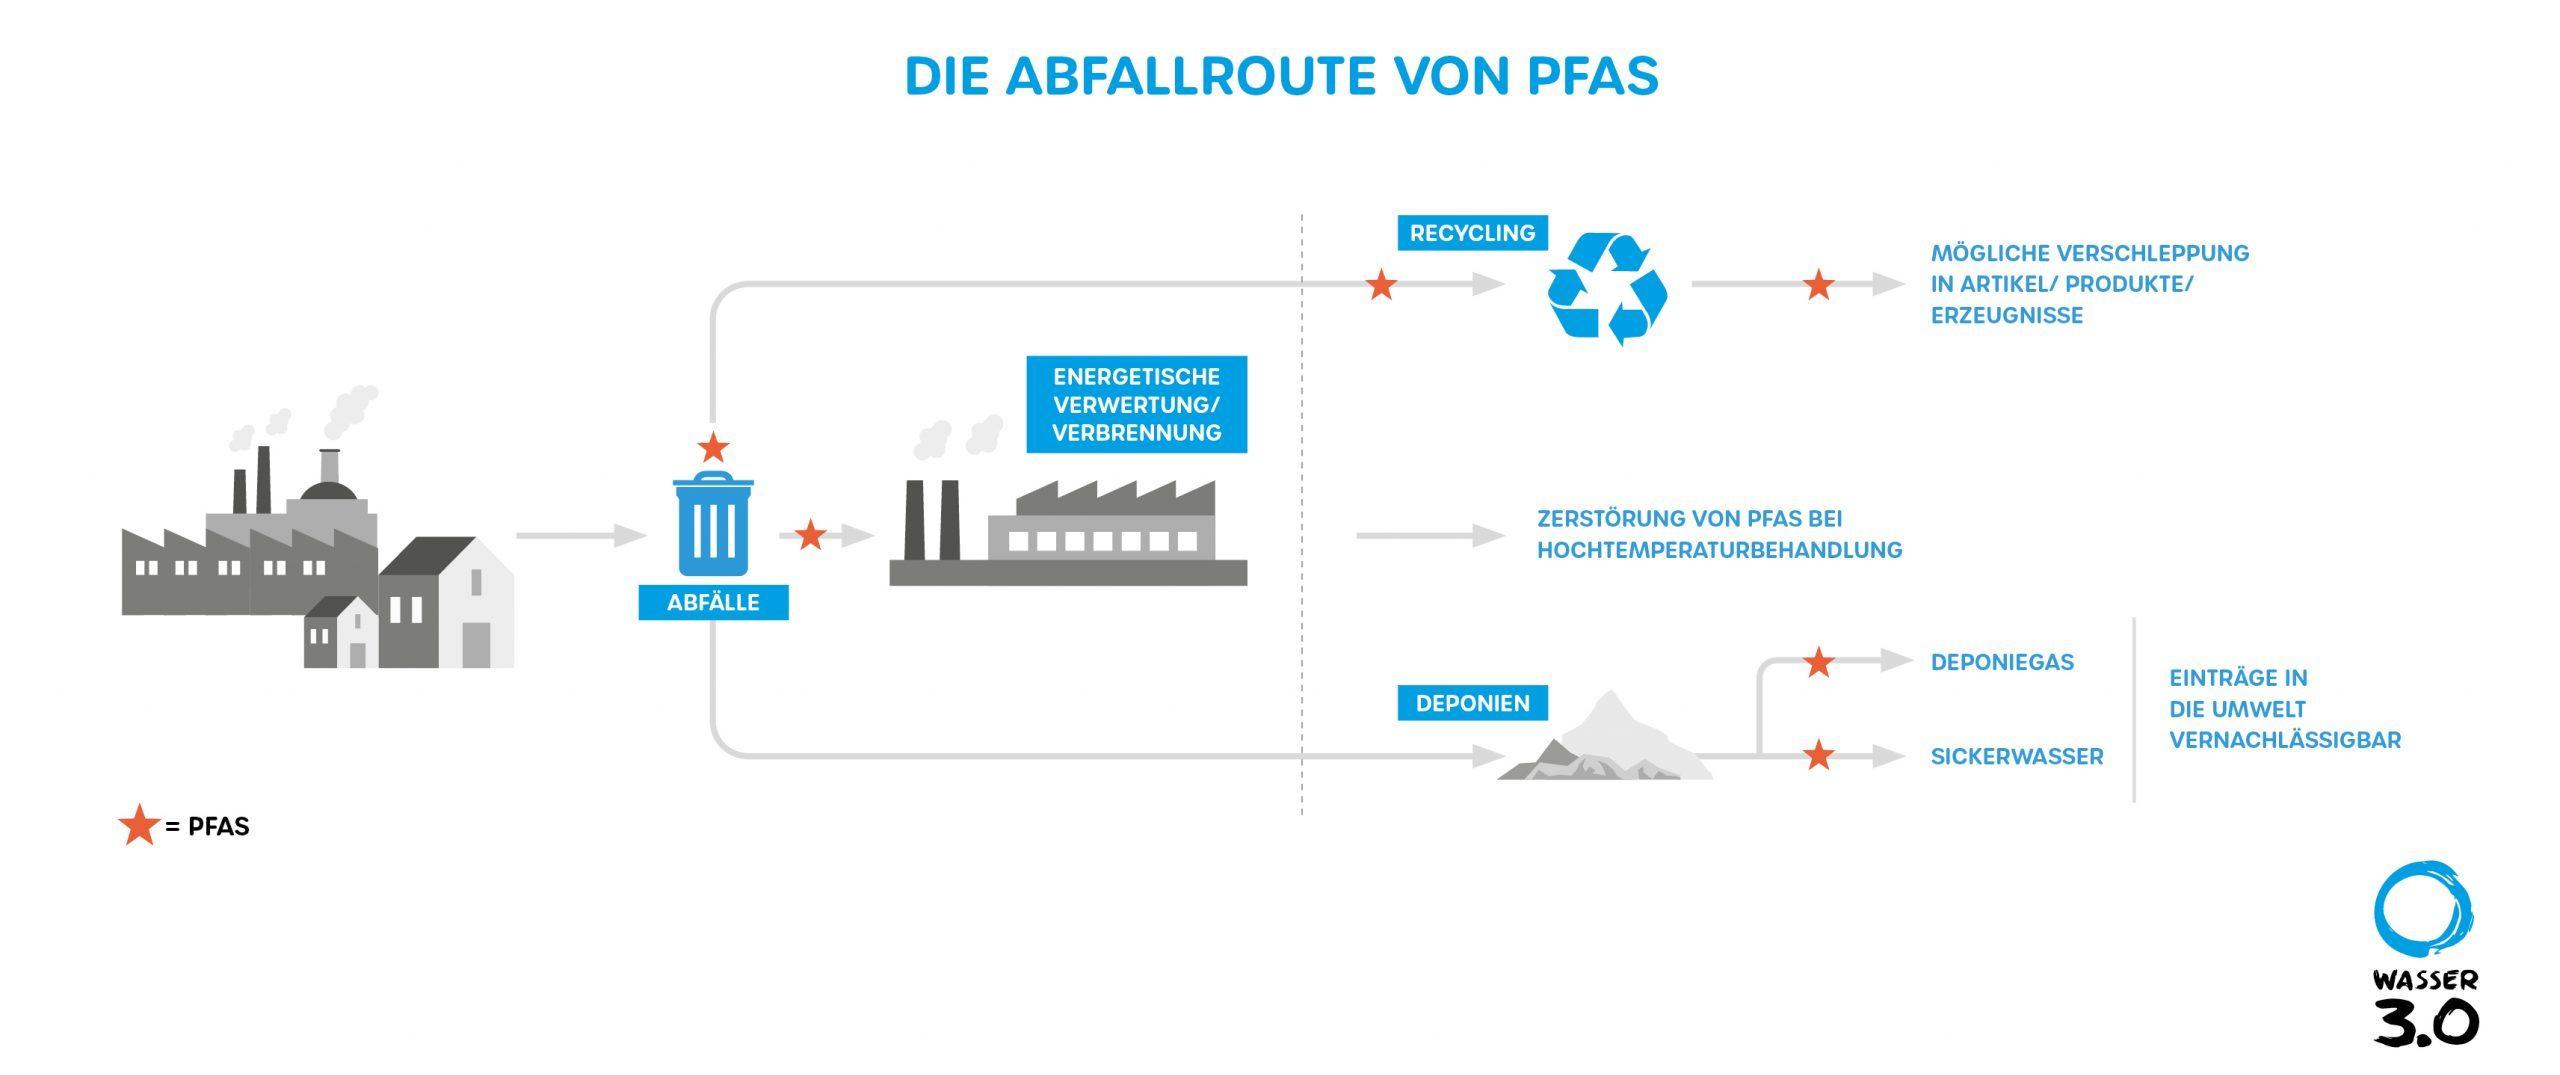 Per- und Polyfluorierte Kohlenwasserstoffe